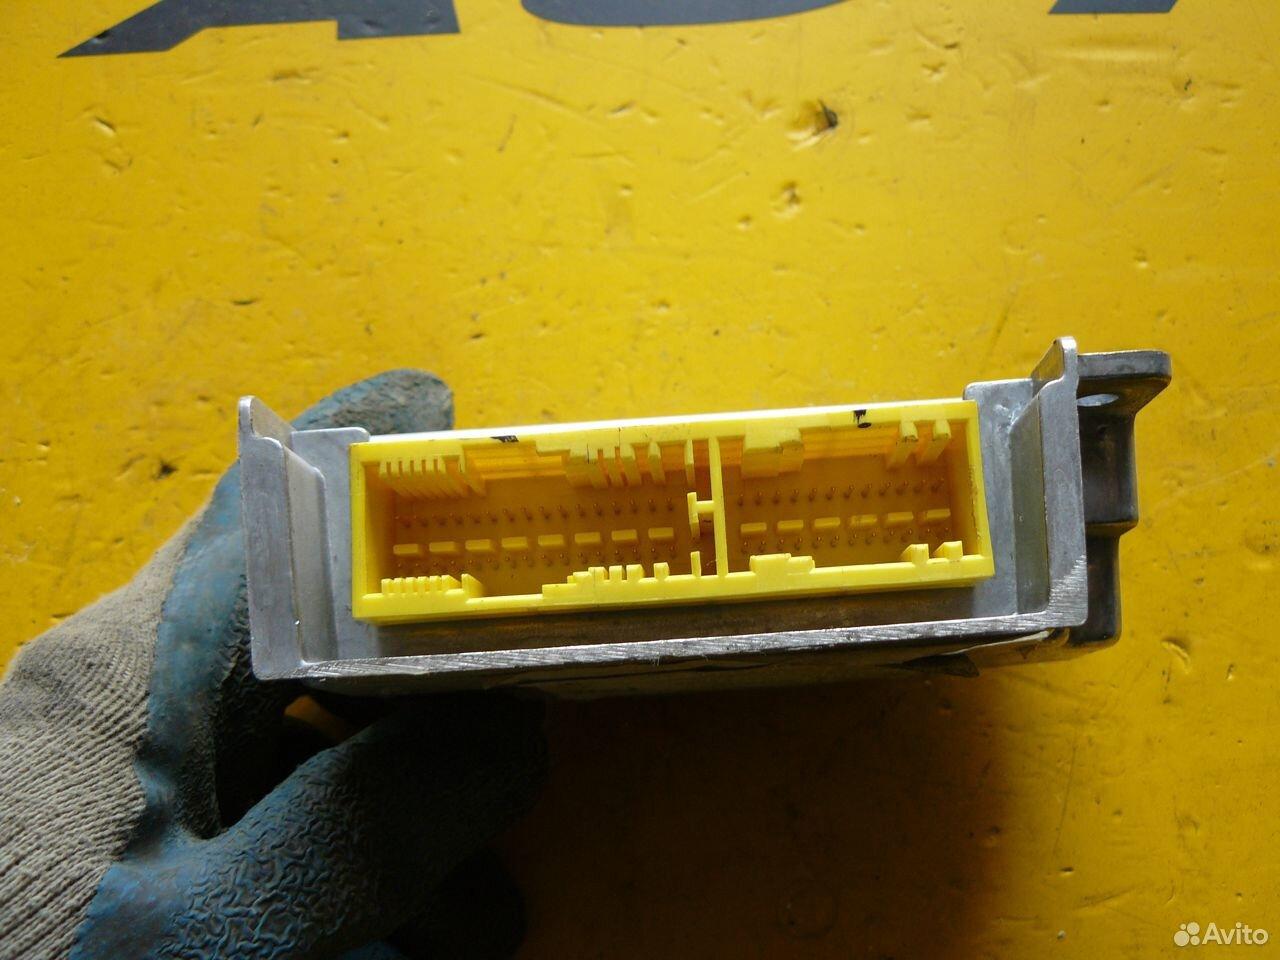 Блок управления Air Bag для Kia Cerato 2011Г  89532384400 купить 3